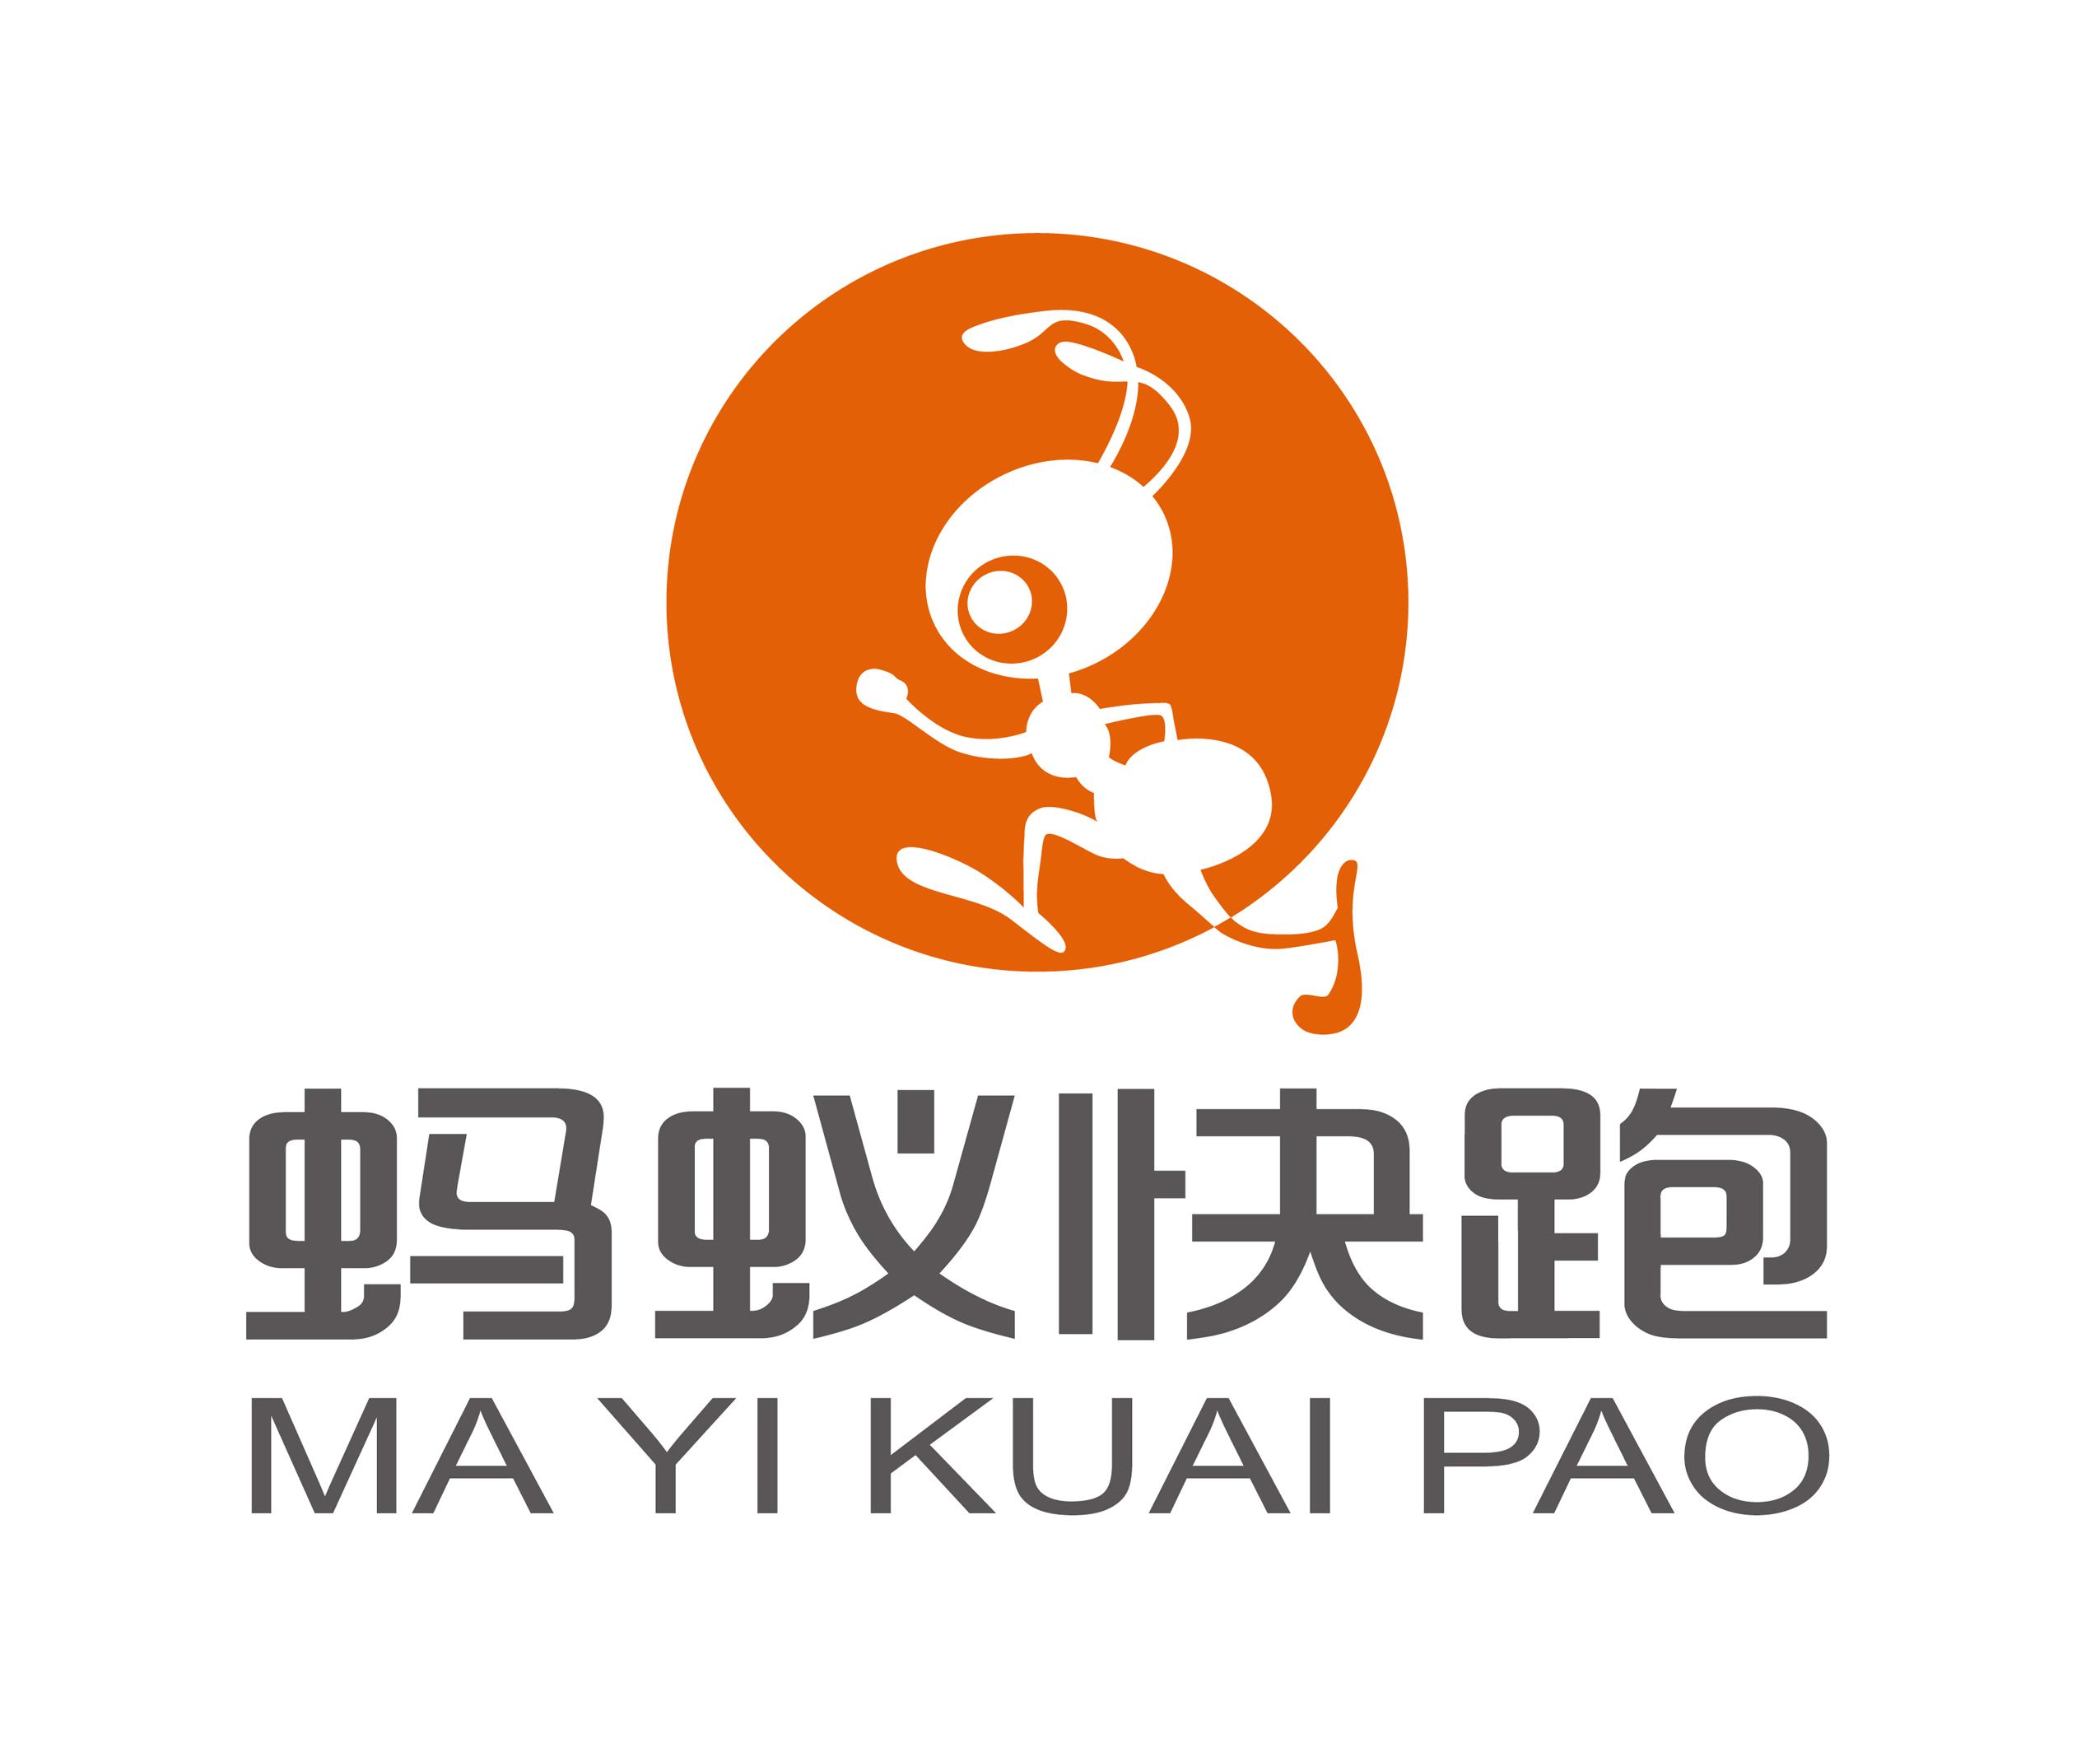 廣州恒康偉業教育科技有限公司